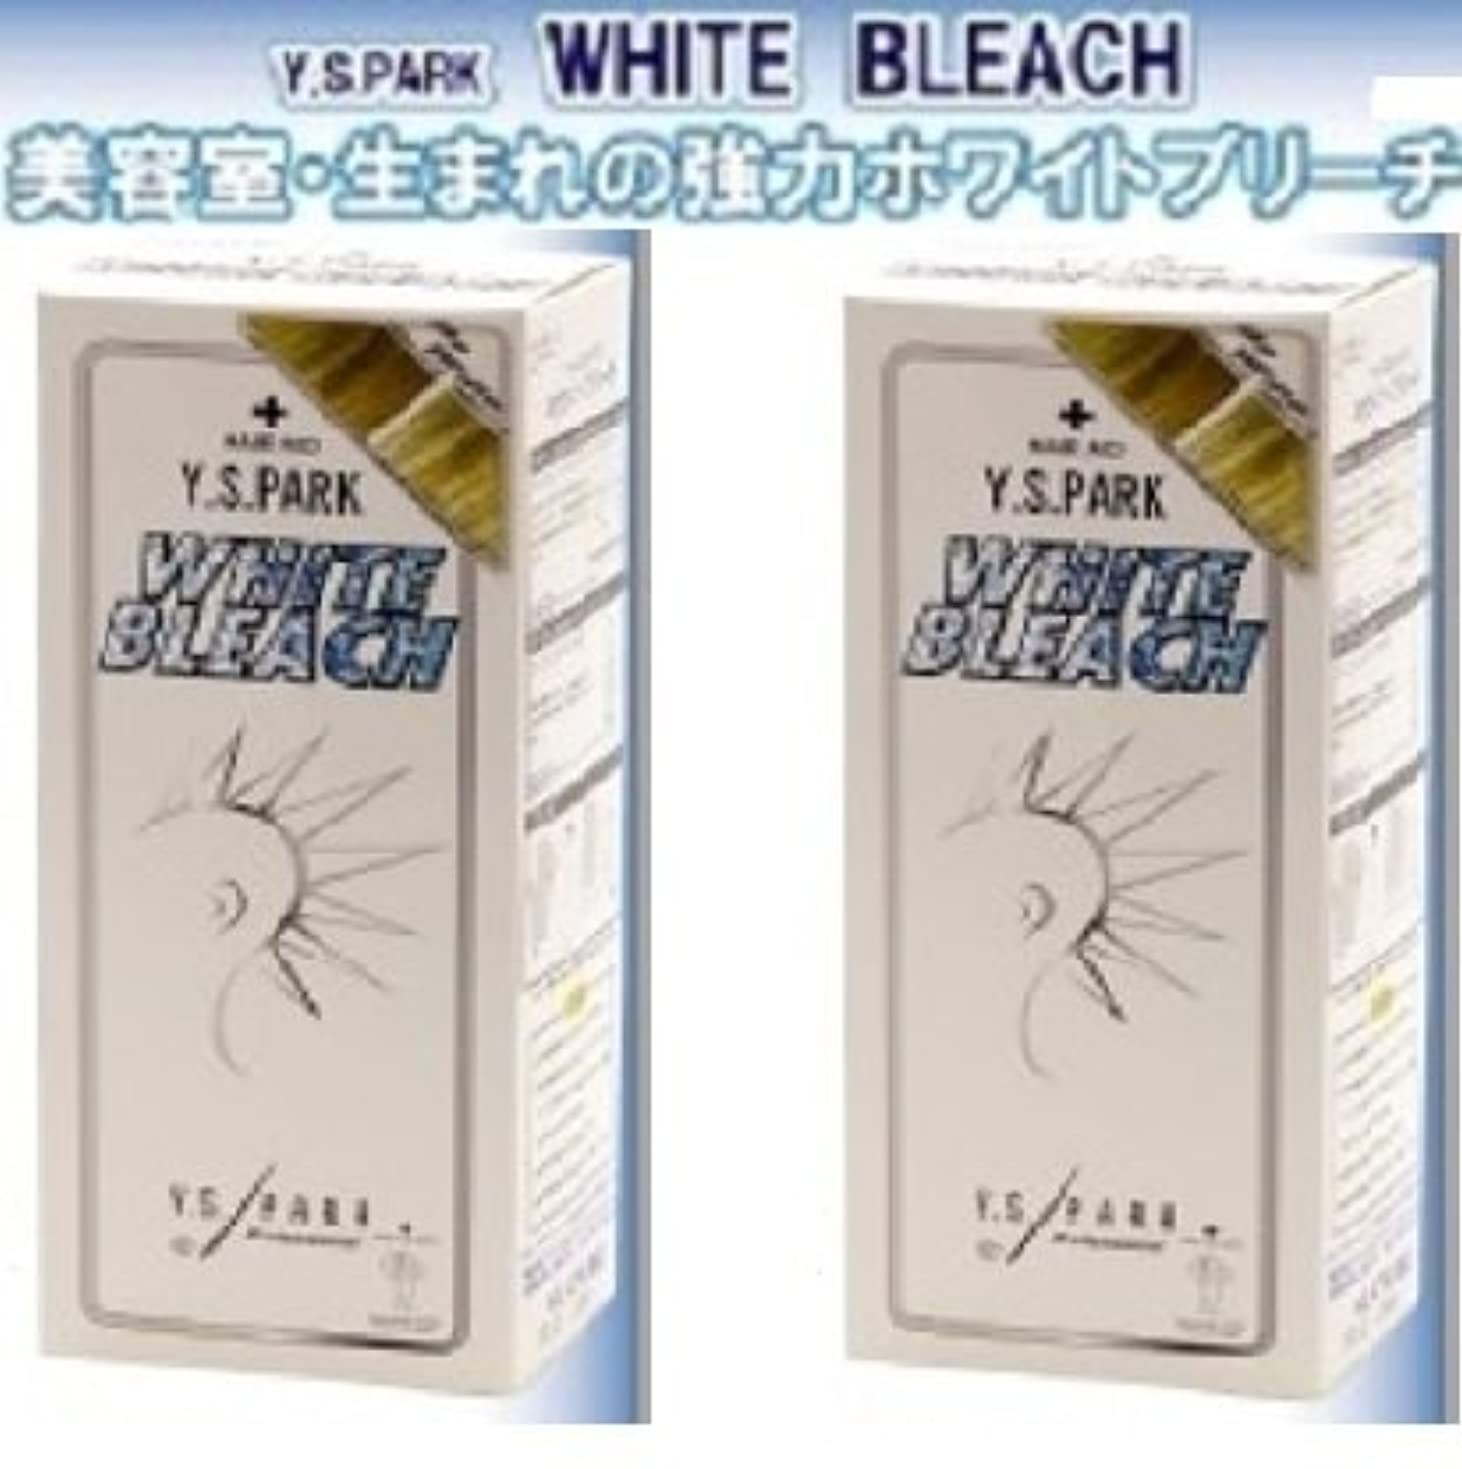 泣き叫ぶ強います請求【YSPARK 】ホワイトブリーチ ×2個セット(お得な2個組)美容室生まれの強力ホワイトブリーチ